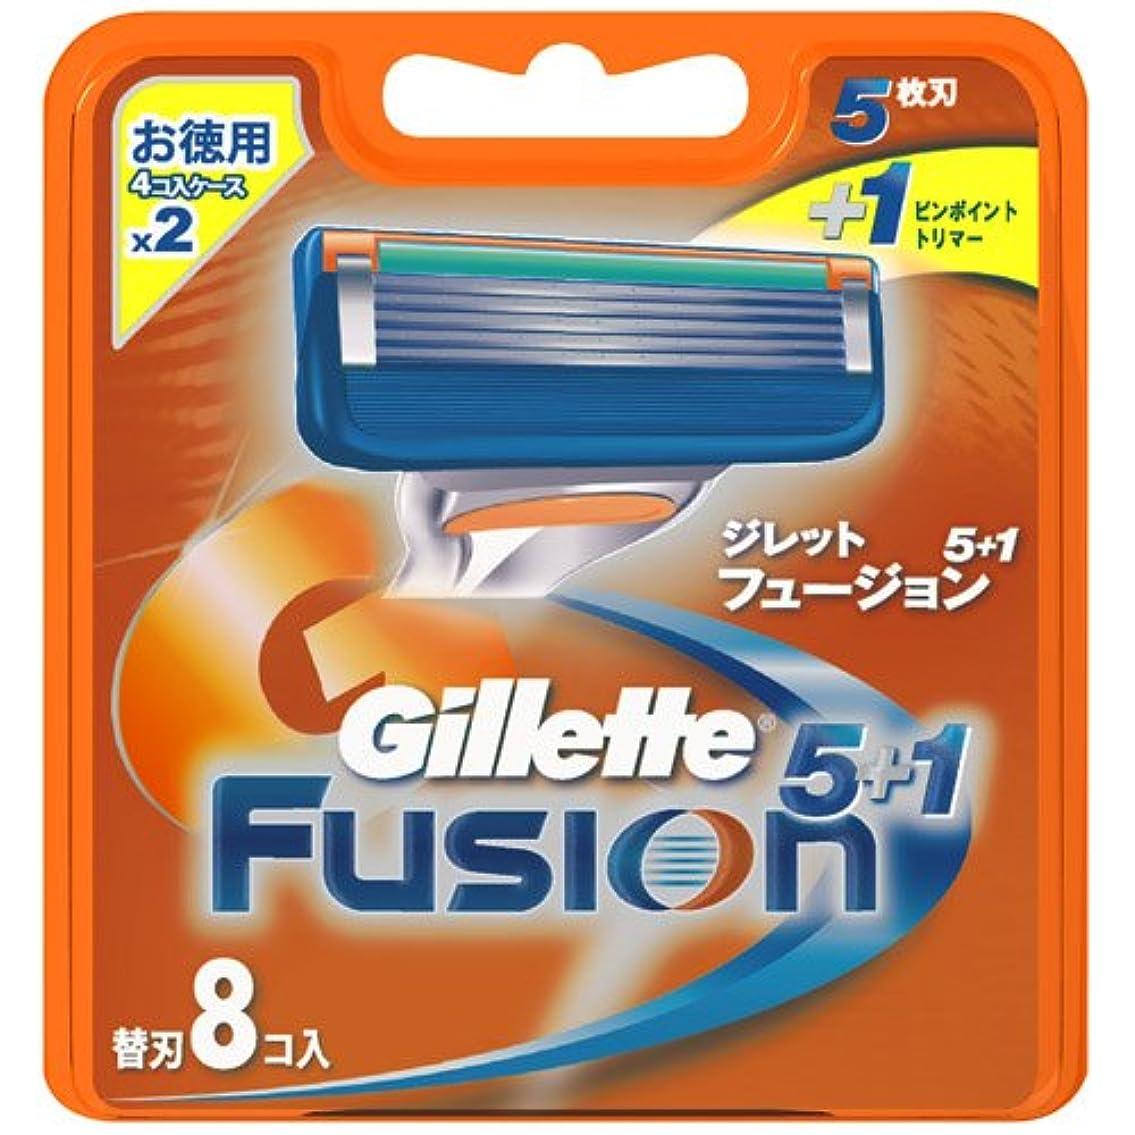 最近下品スキームジレット フュージョン5+1 専用替刃 8B